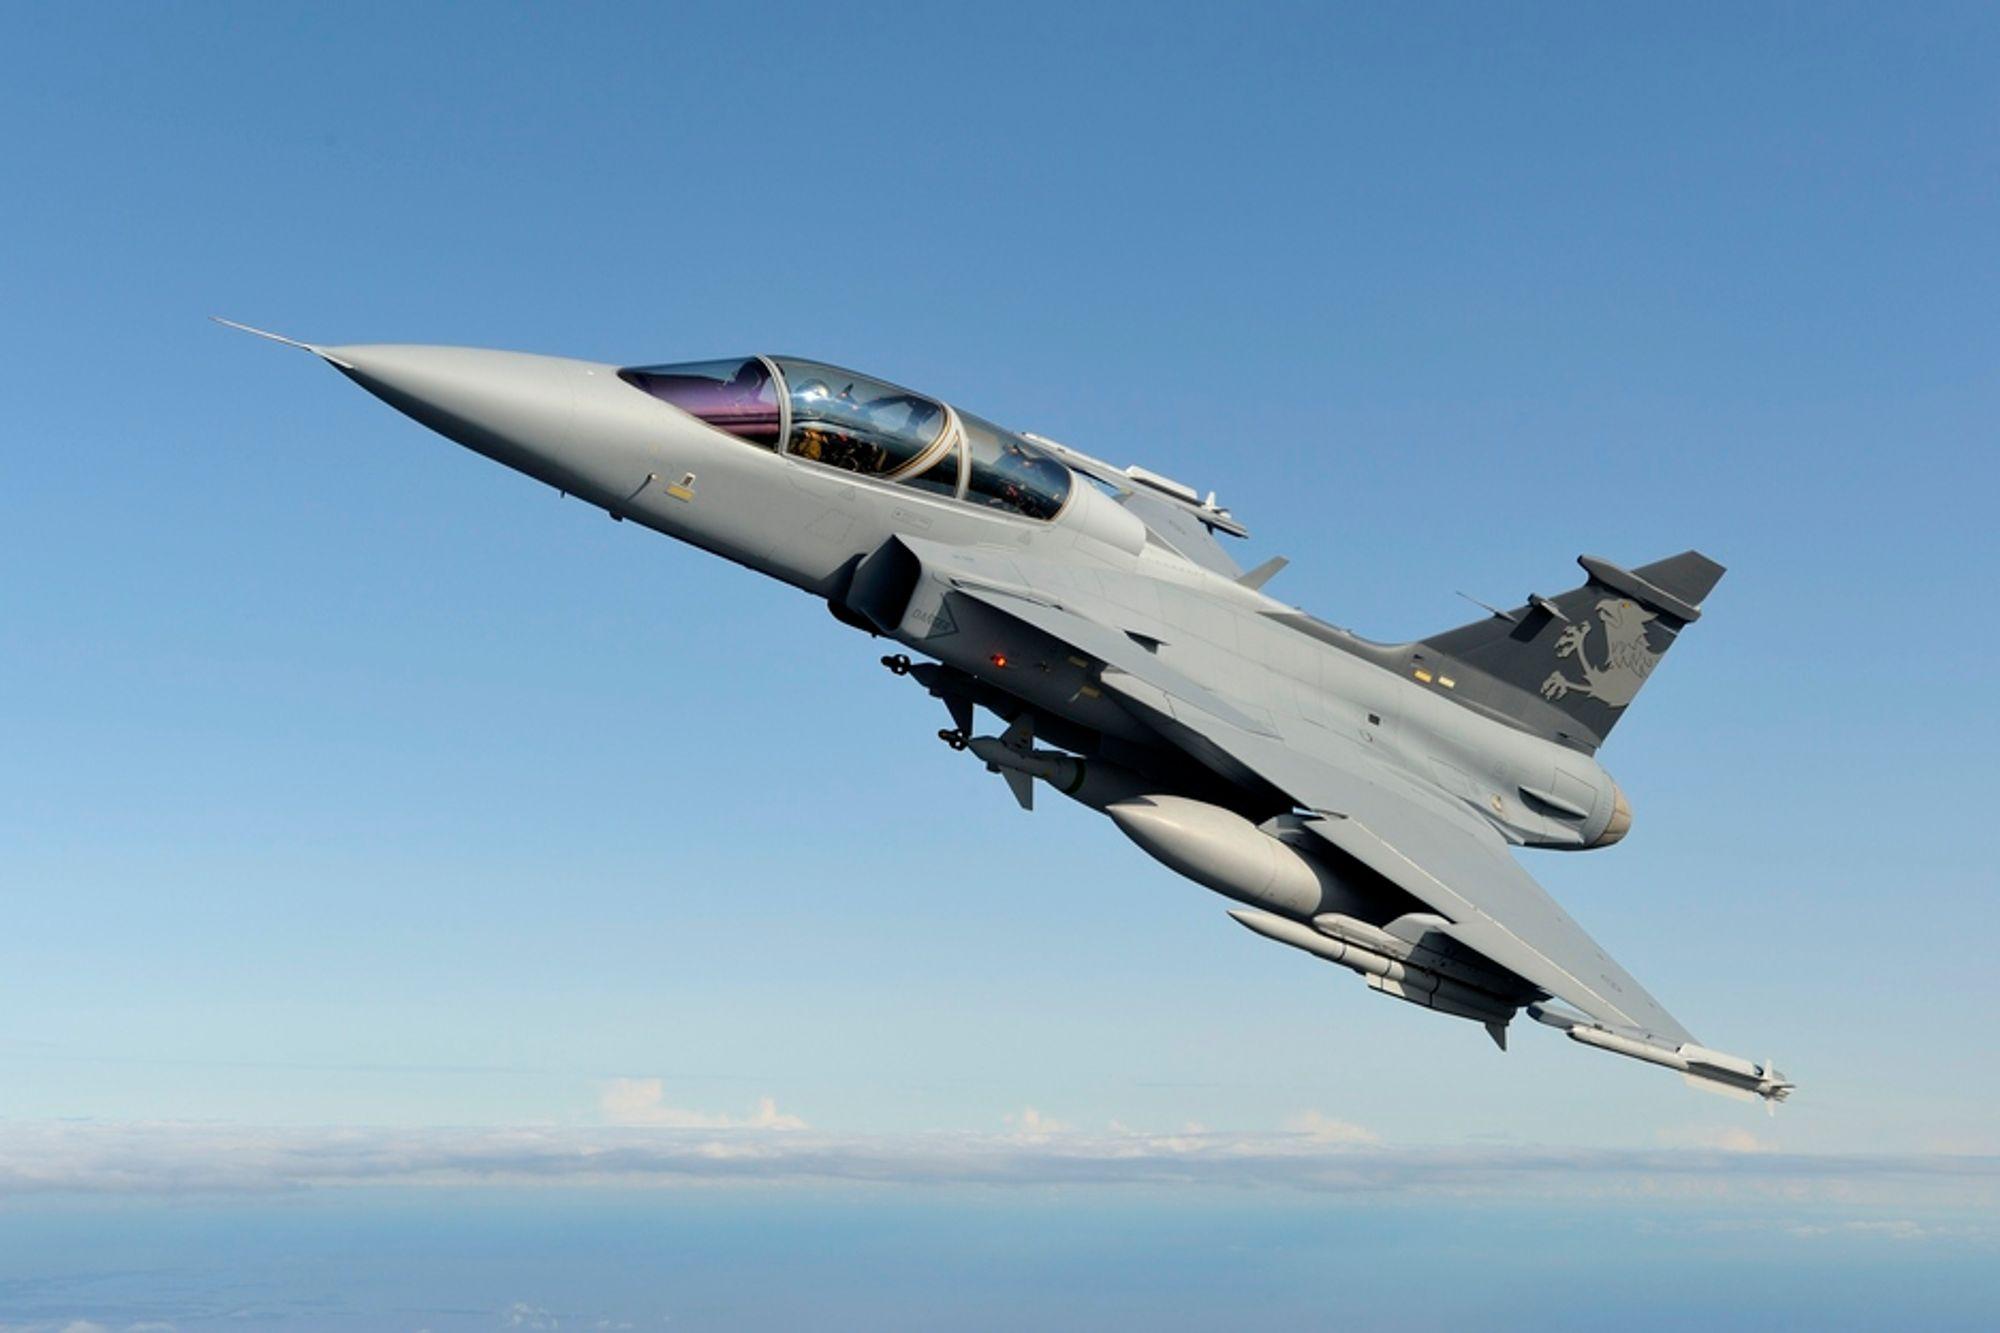 TRIKSET VEKK? John Berg hevder i ny bok at tilbudet fra Lockheed Martin ble satt kunstig lavt for å få Gripens Jas-39E/F ut av kampflykampen. Bildet viser NG-demonstratoren fra Saab, basert på Jas-39D.